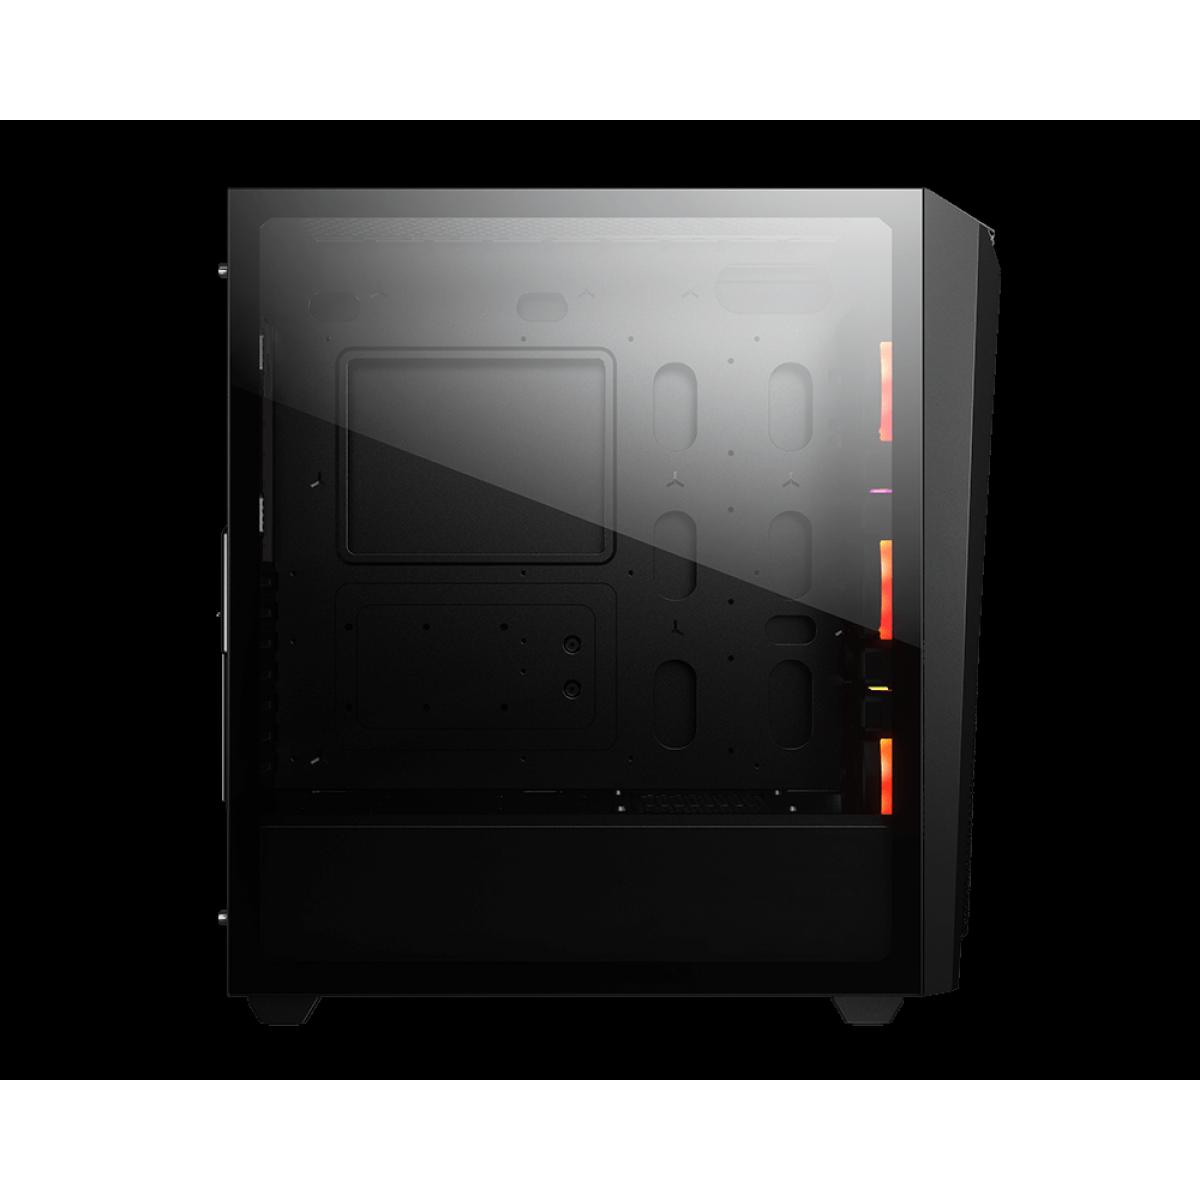 Gabinete Gamer Cougar, MX660 Mesh RGB, Mid Tower, Vidro Temperado, Black, Com 3 Fans, Sem Fonte, 385BMS0-0004